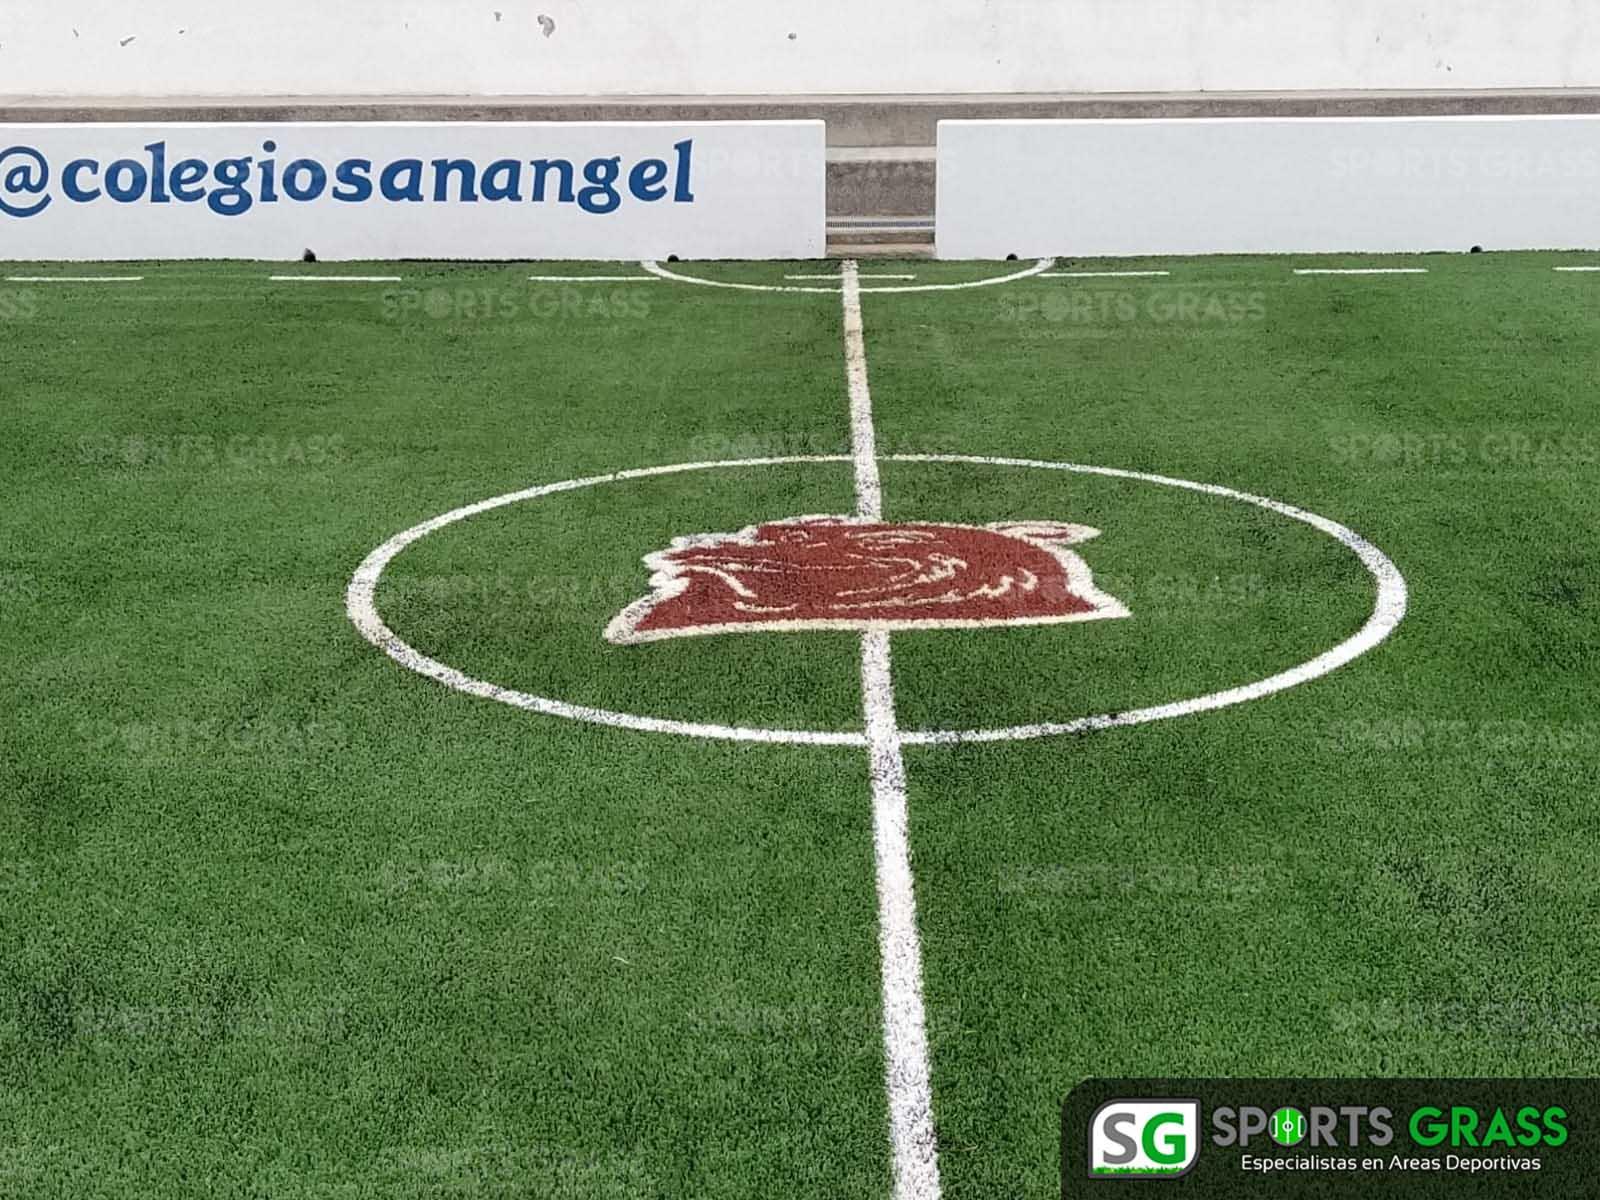 Futbol rápido con logotipo, colegio San Angel Puebla SportsGrass 02